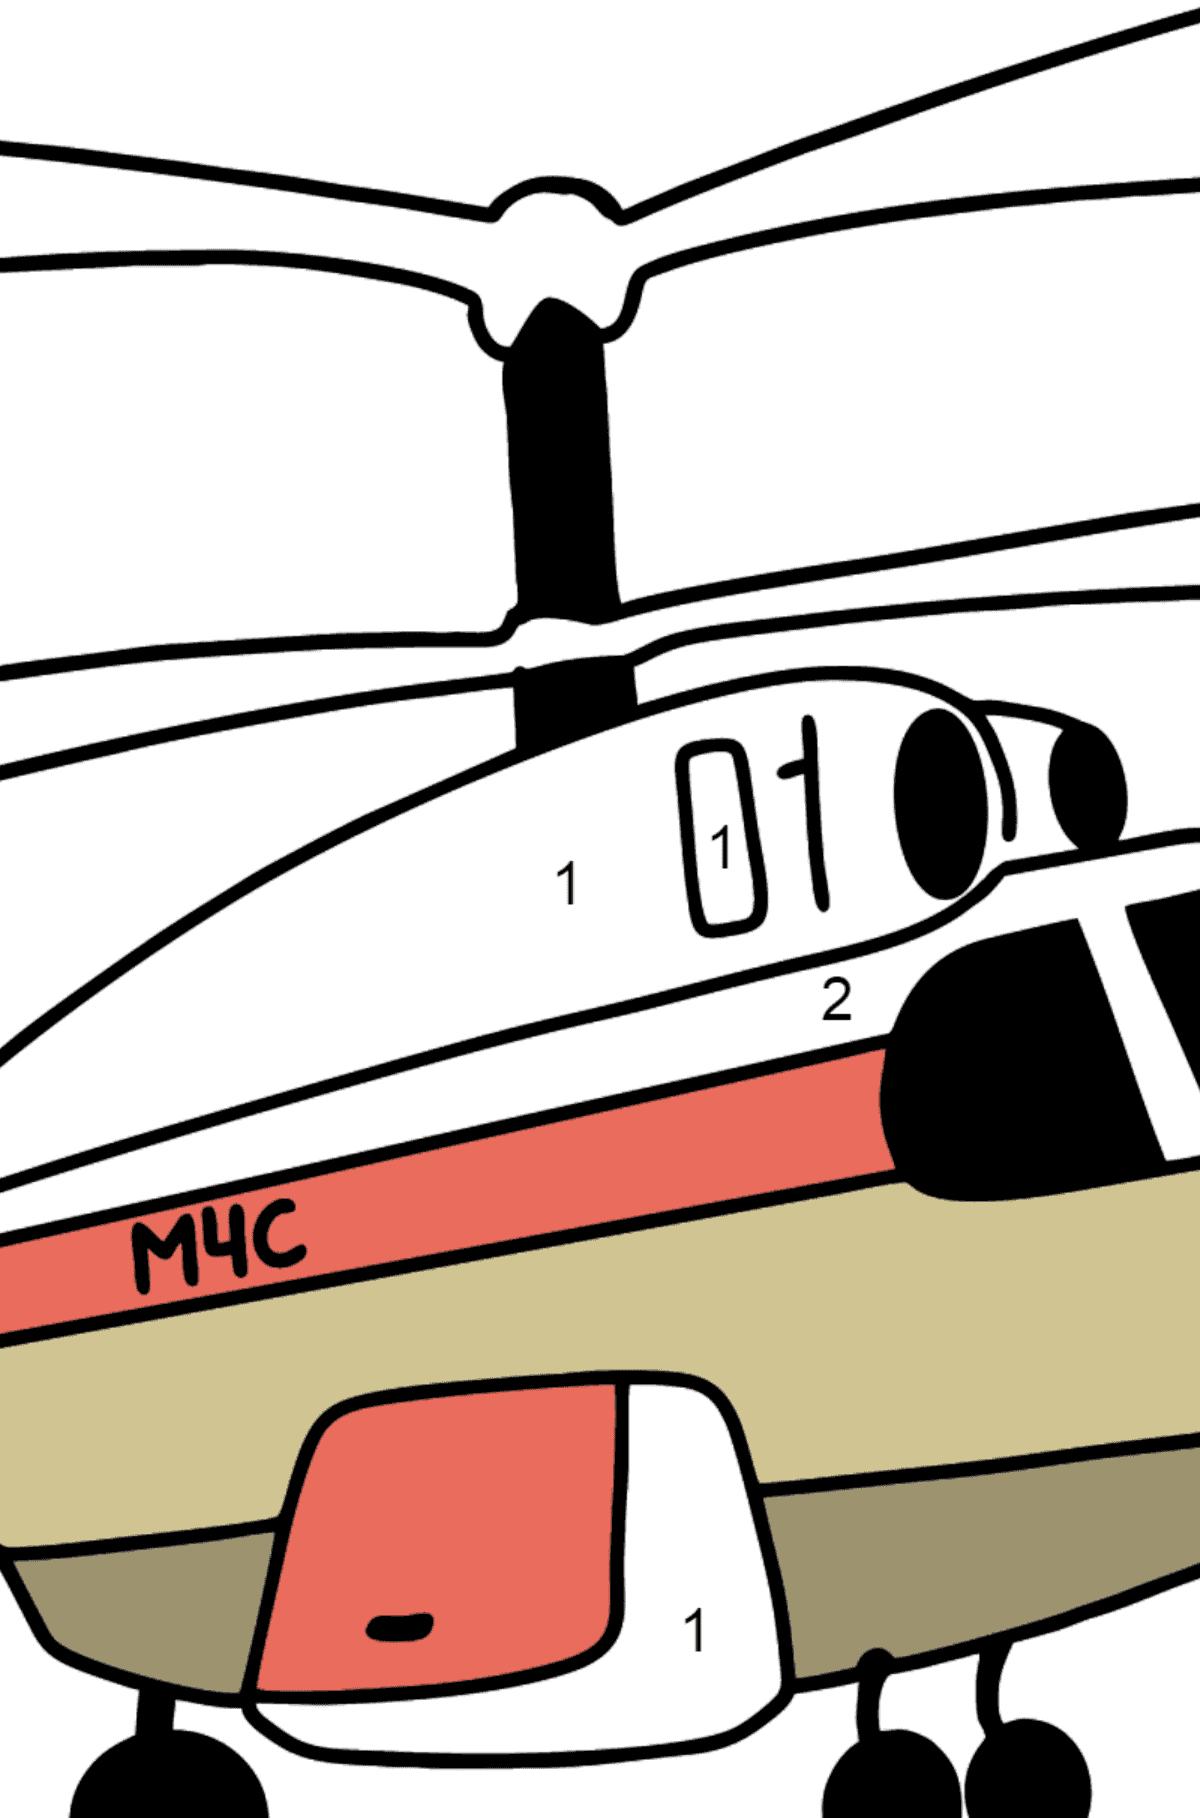 Раскраска вертолет мчс - Раскраска по Номерам для Детей